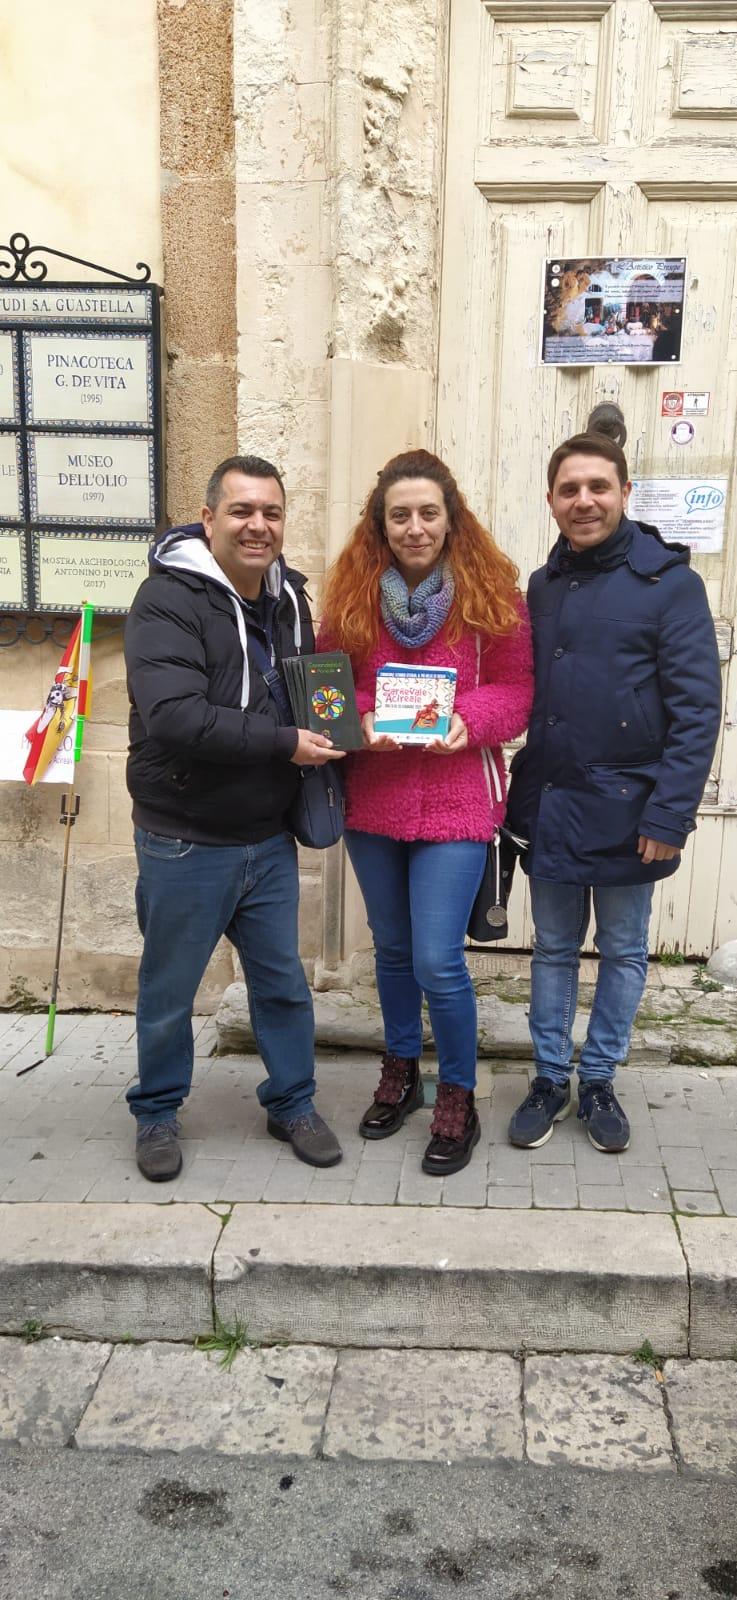 La Pro Loco Acireale consegna il materiale promozionale della Città di Acireale al membro del CDA e tesoriere della Pro Loco Chiaramonte Gulfi, Elisa Ragusa